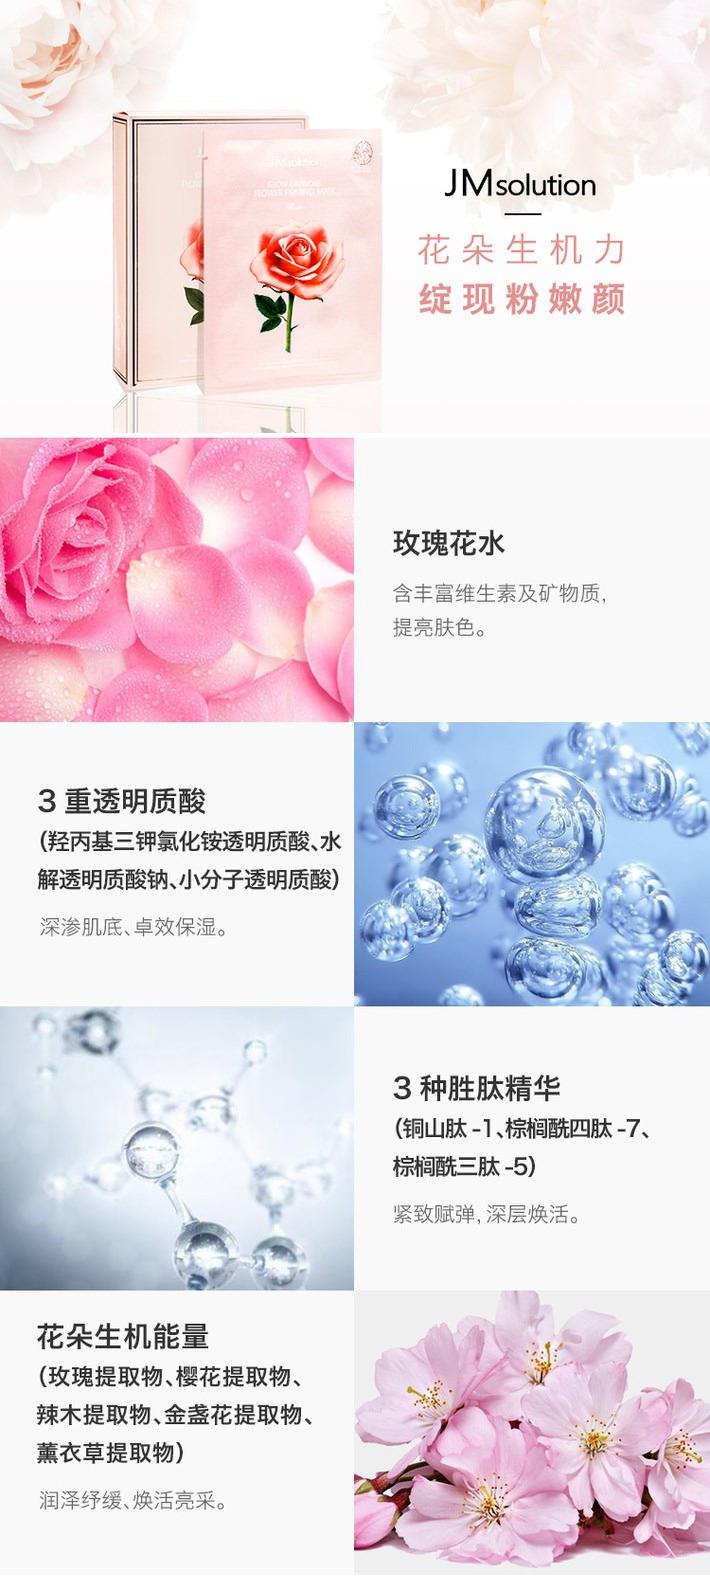 微信图片_20191227181220.jpg